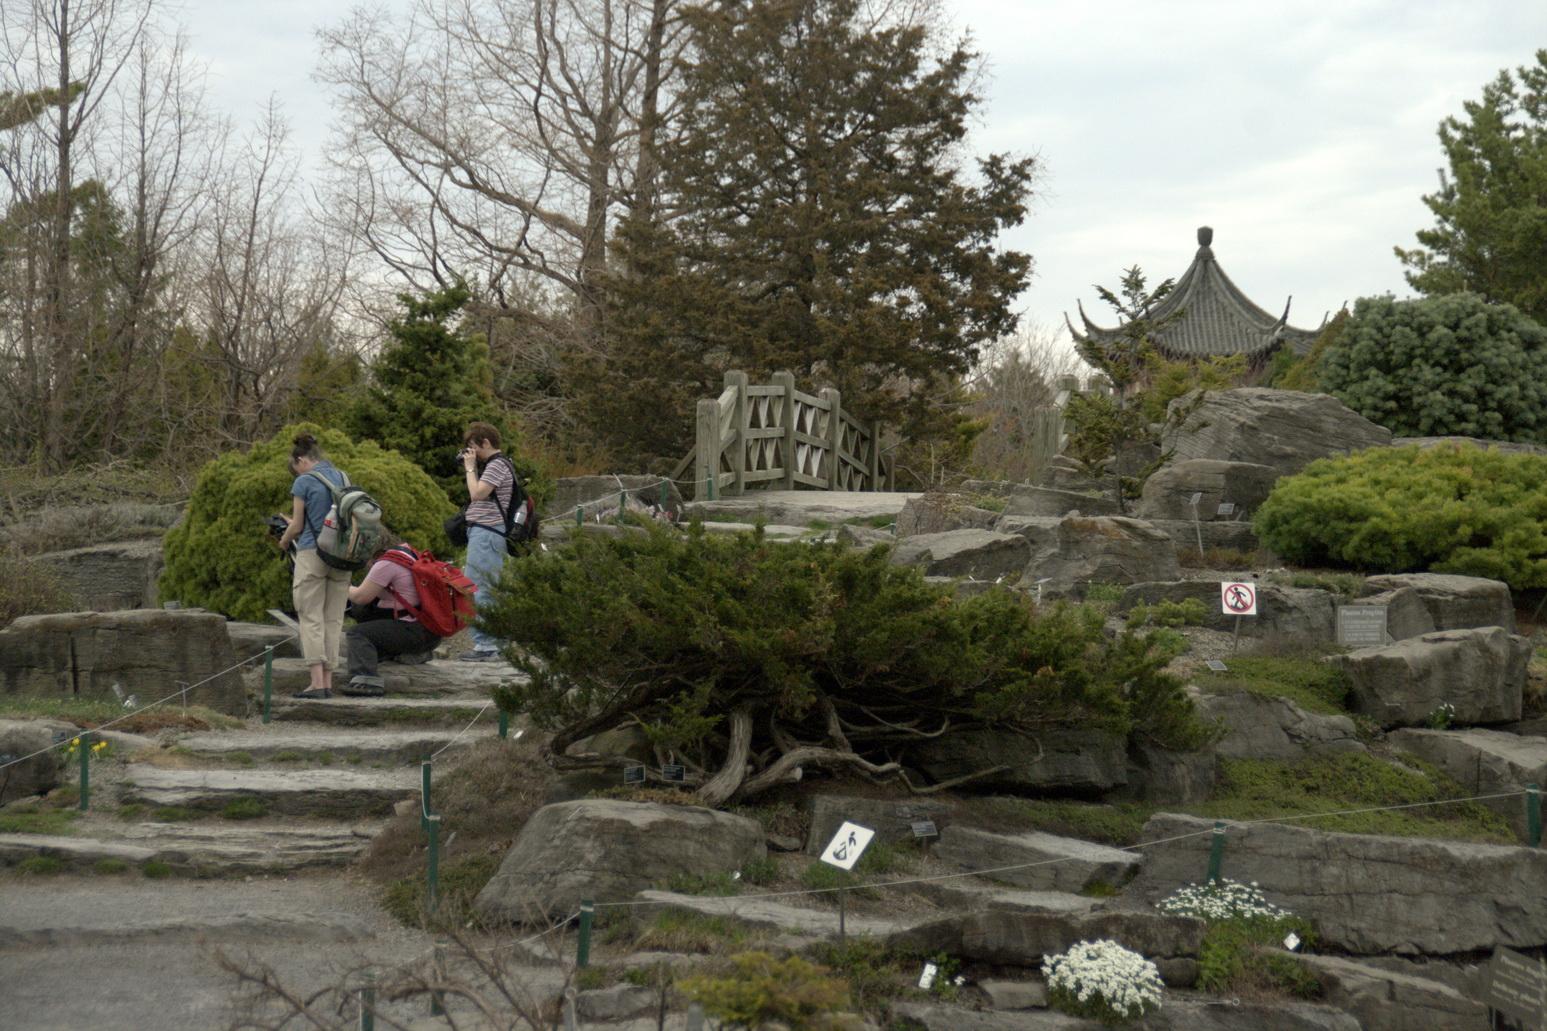 27 avril 2009 les beaut s de montr al - Jardin botanique de montreal heures d ouverture ...